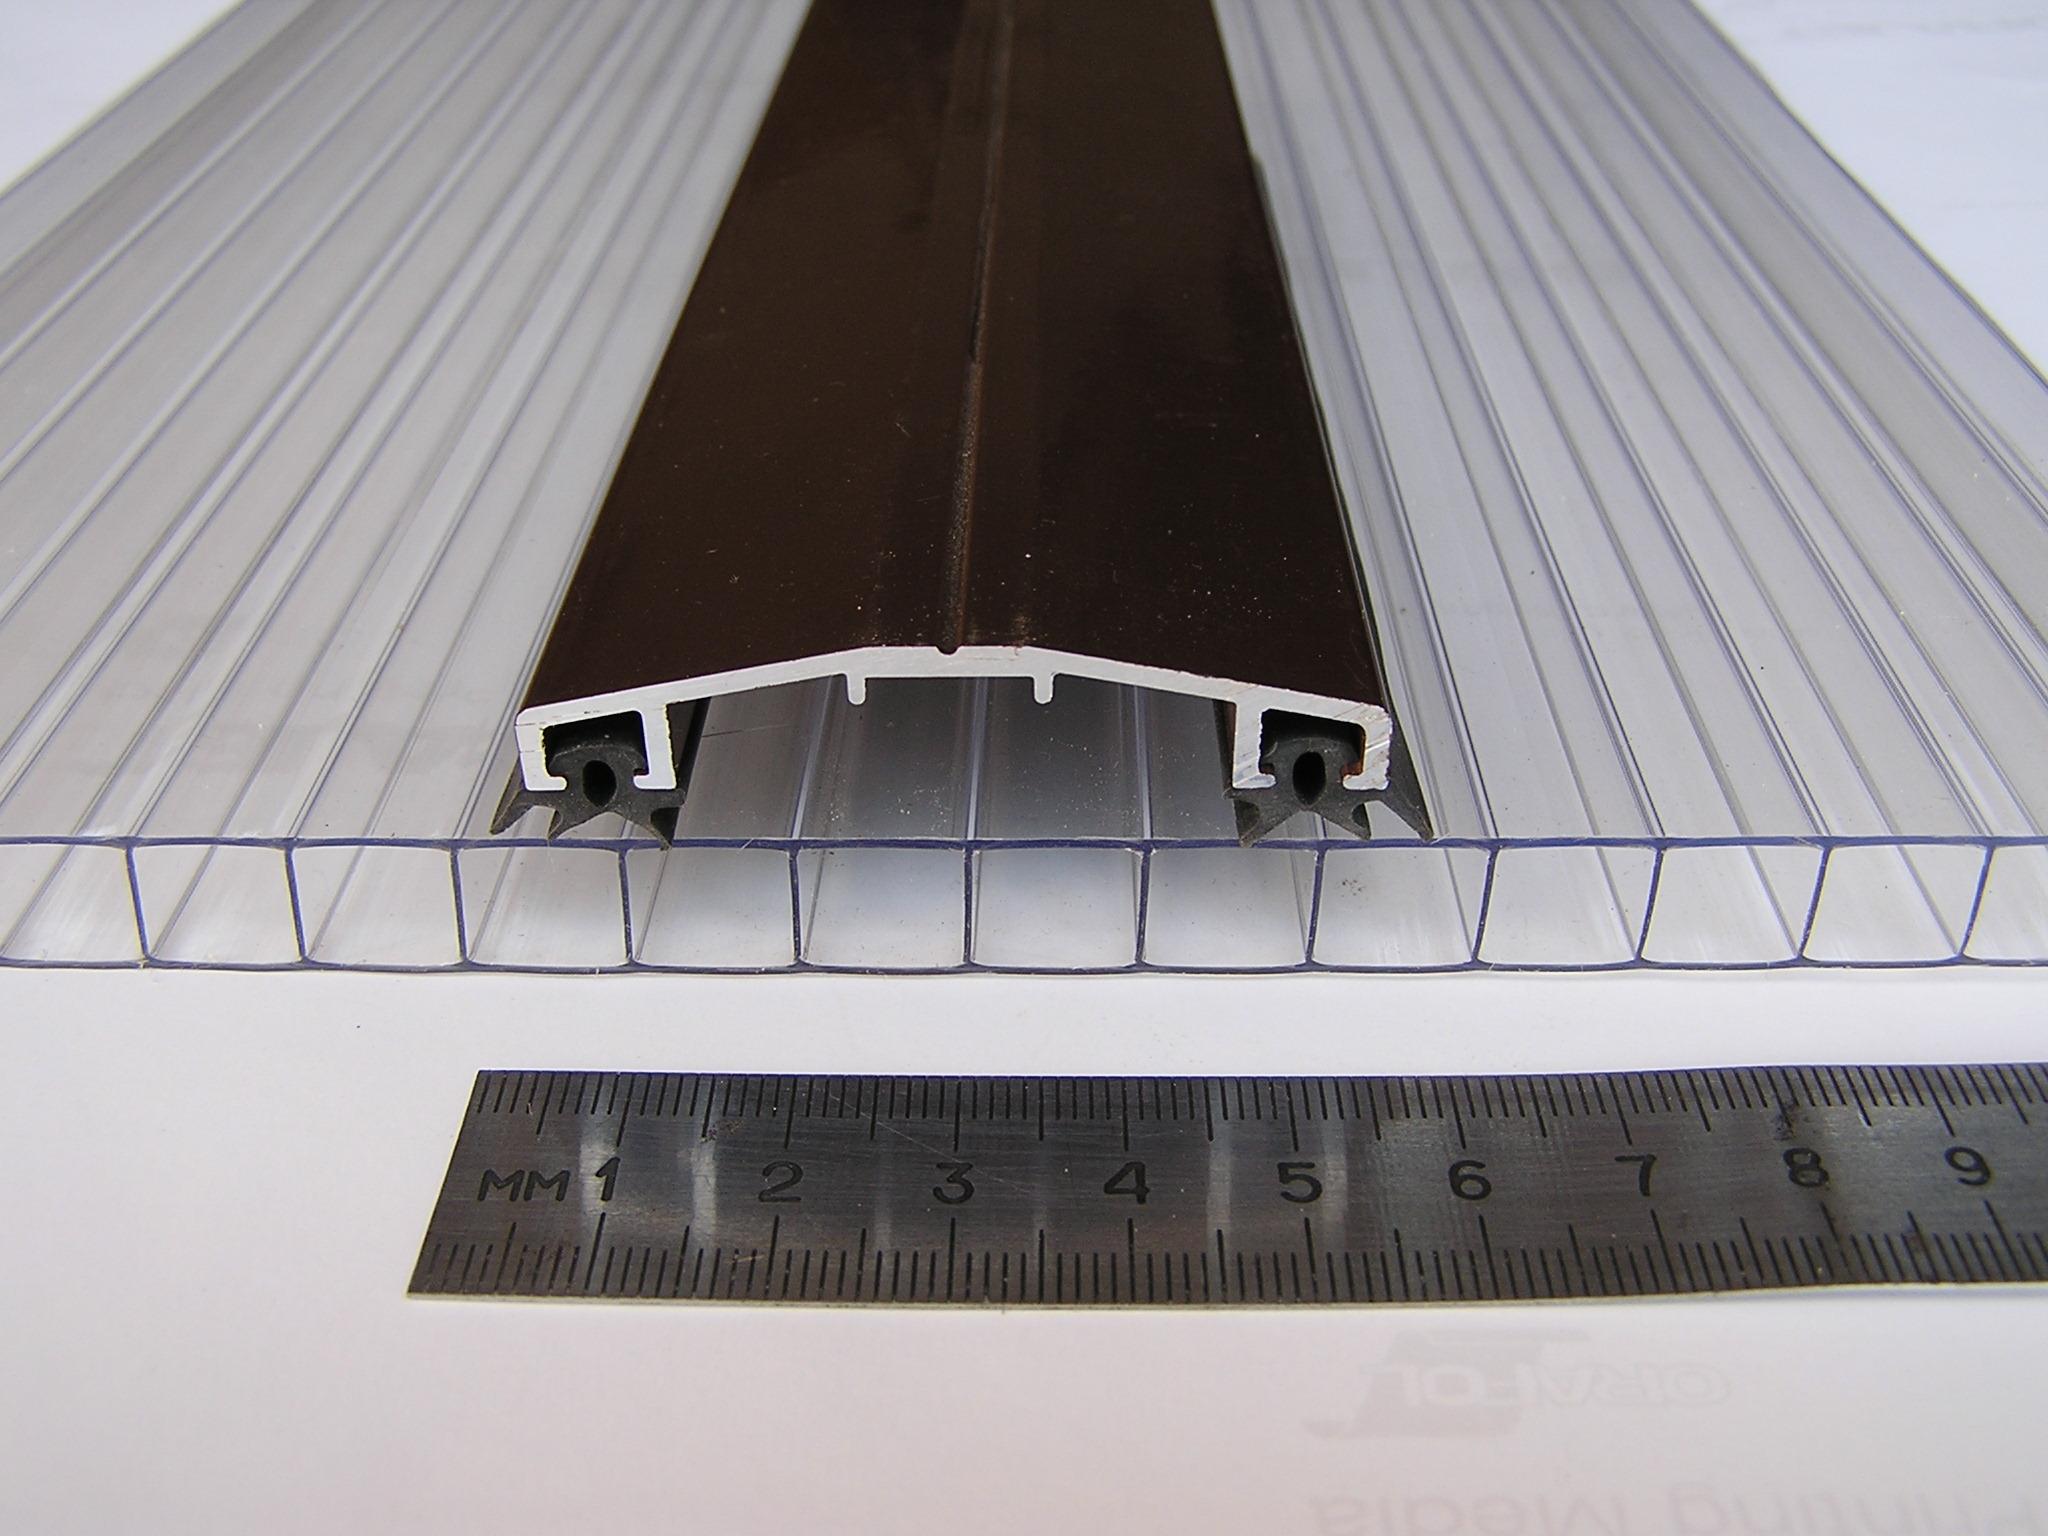 Профиль для поликарбоната прижимной/стыковочный, алюминиевый, АД 53-10